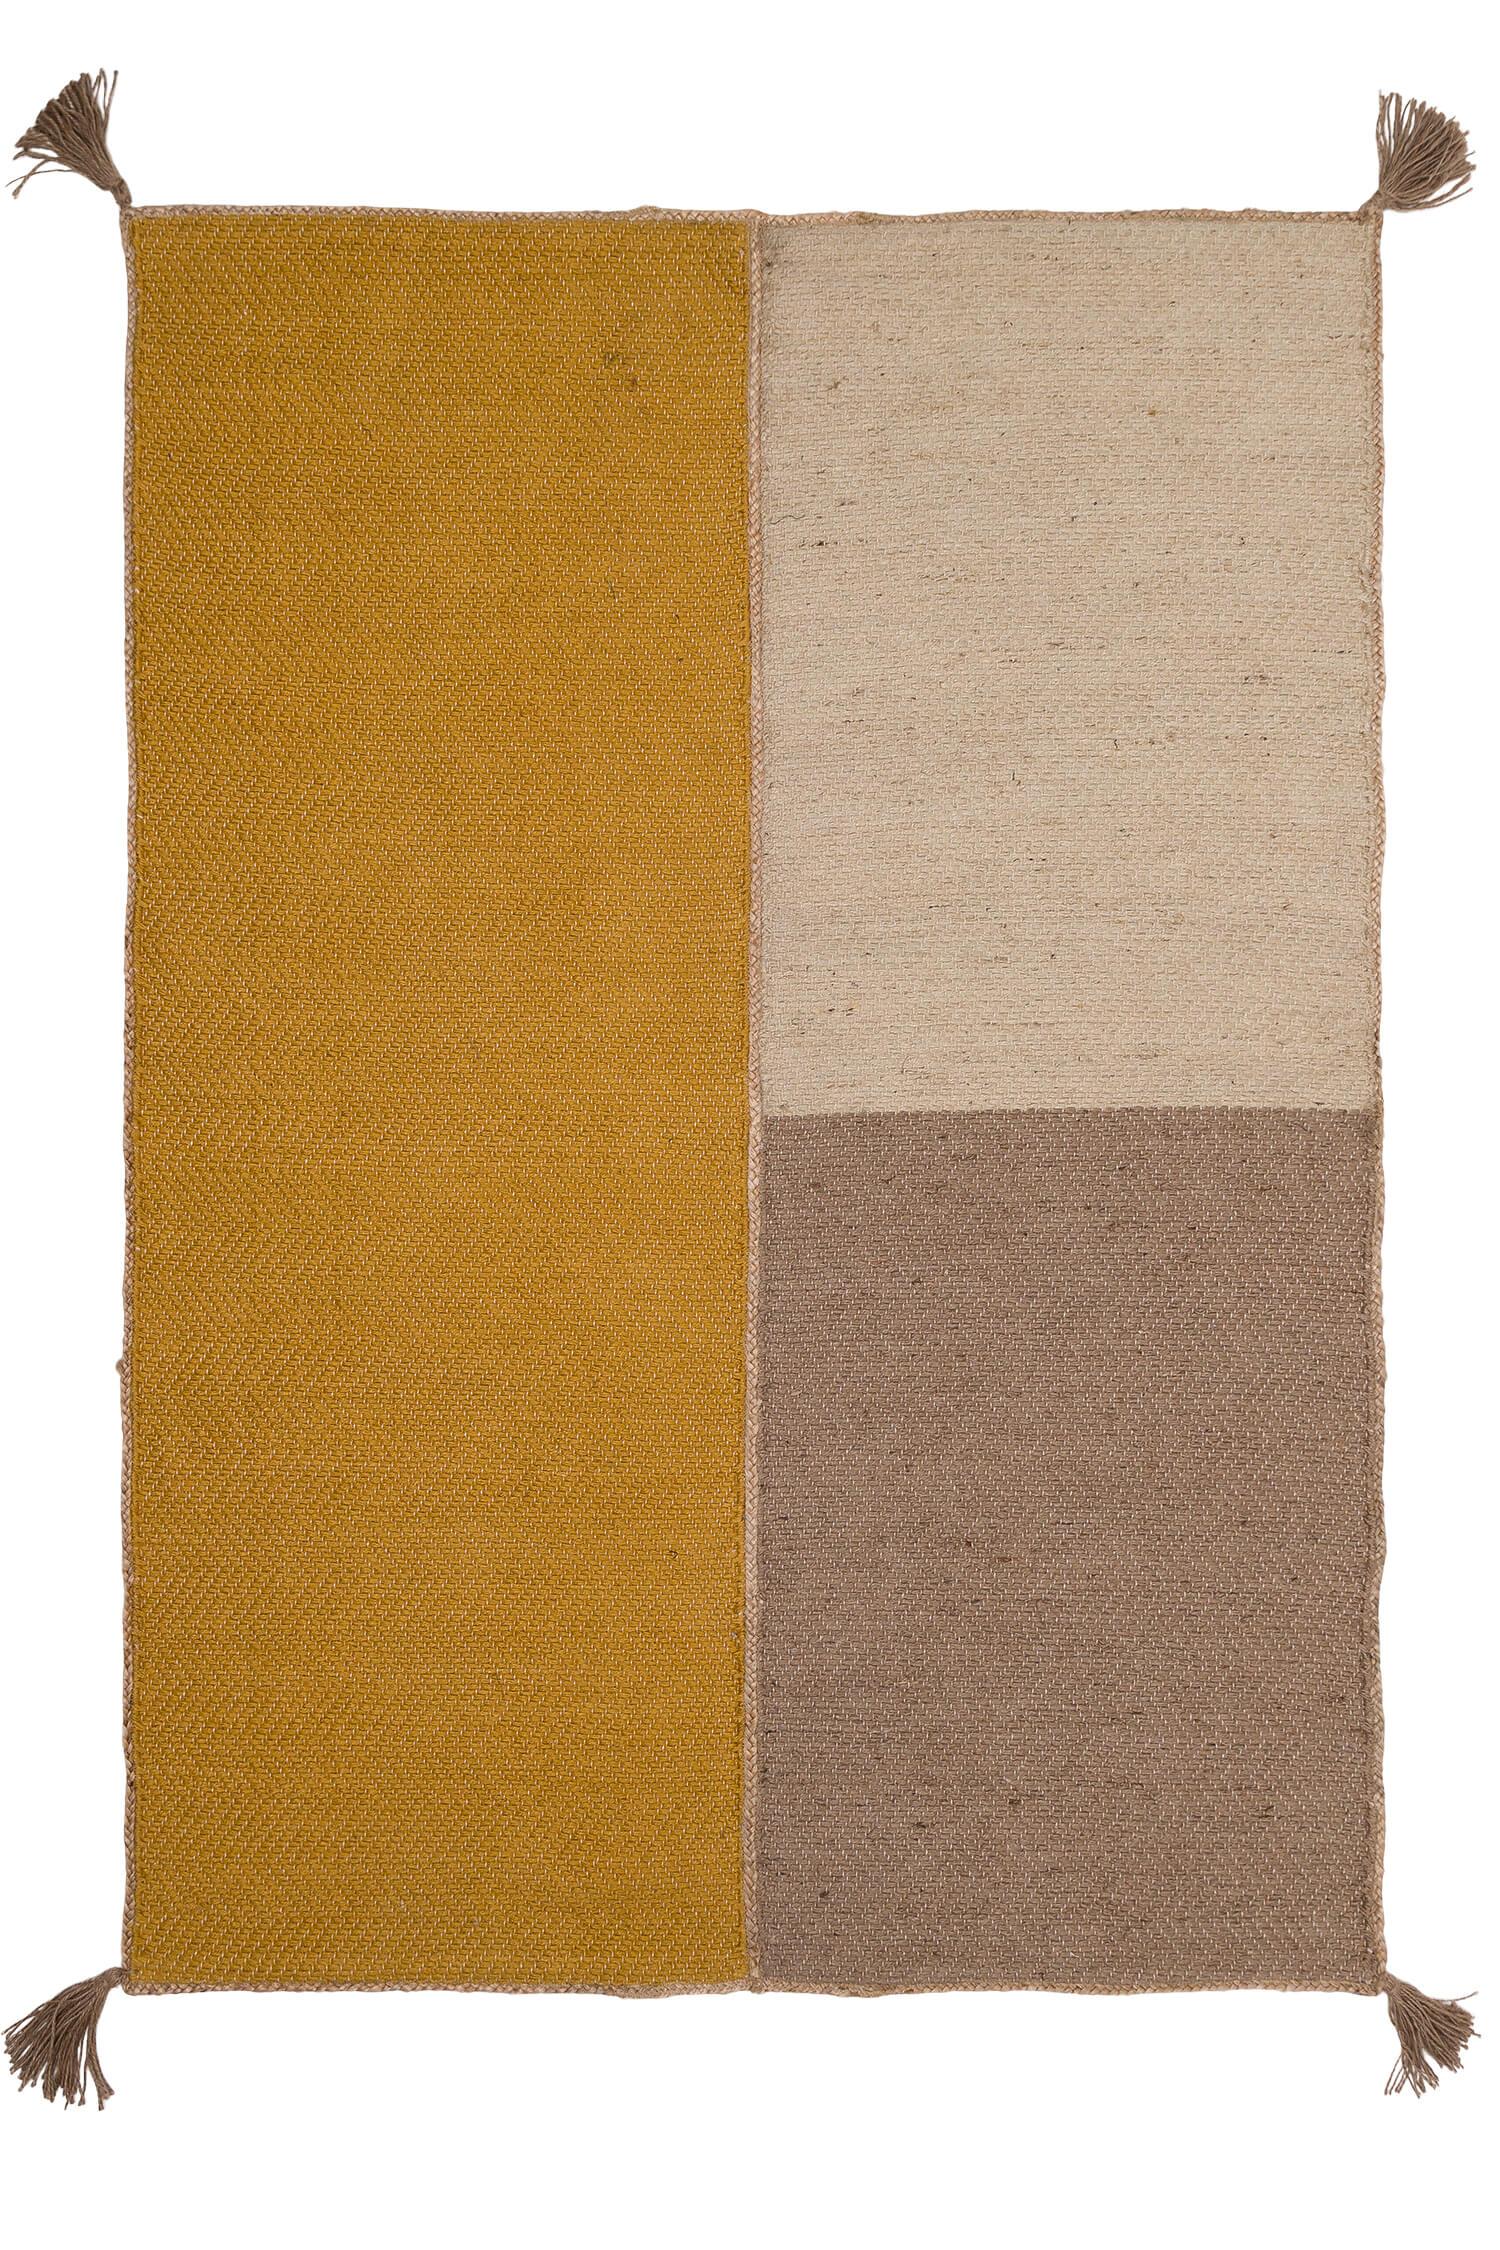 Tapis dune safran 160x230